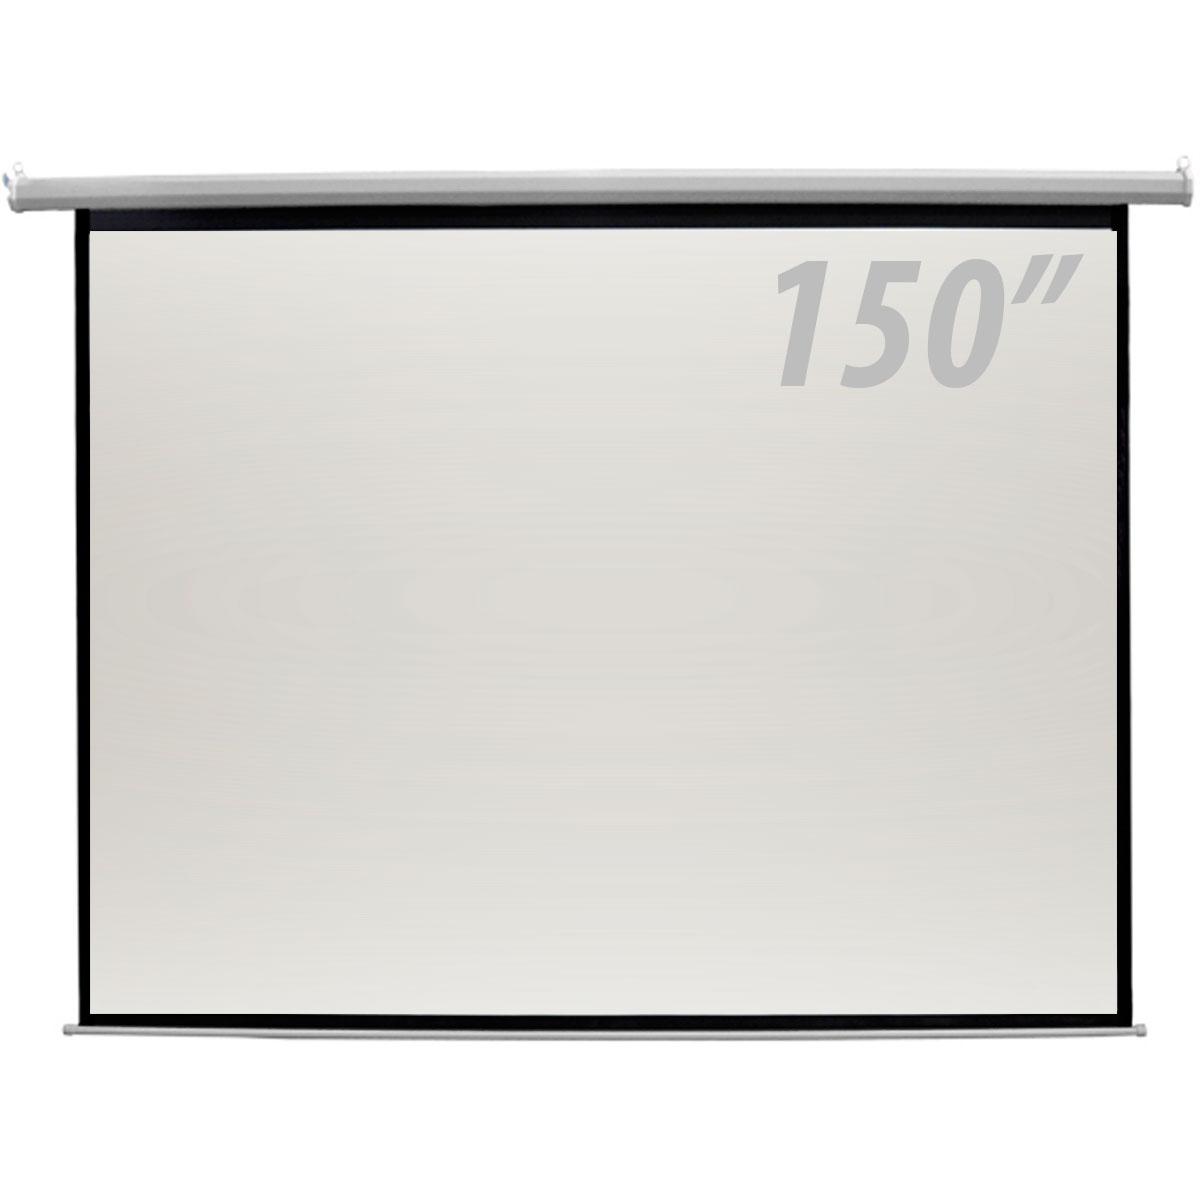 TELA DE PROJEÇÃO ELÉTRICA CSR 150 POLEGADAS – COM CONTROLE, 127V